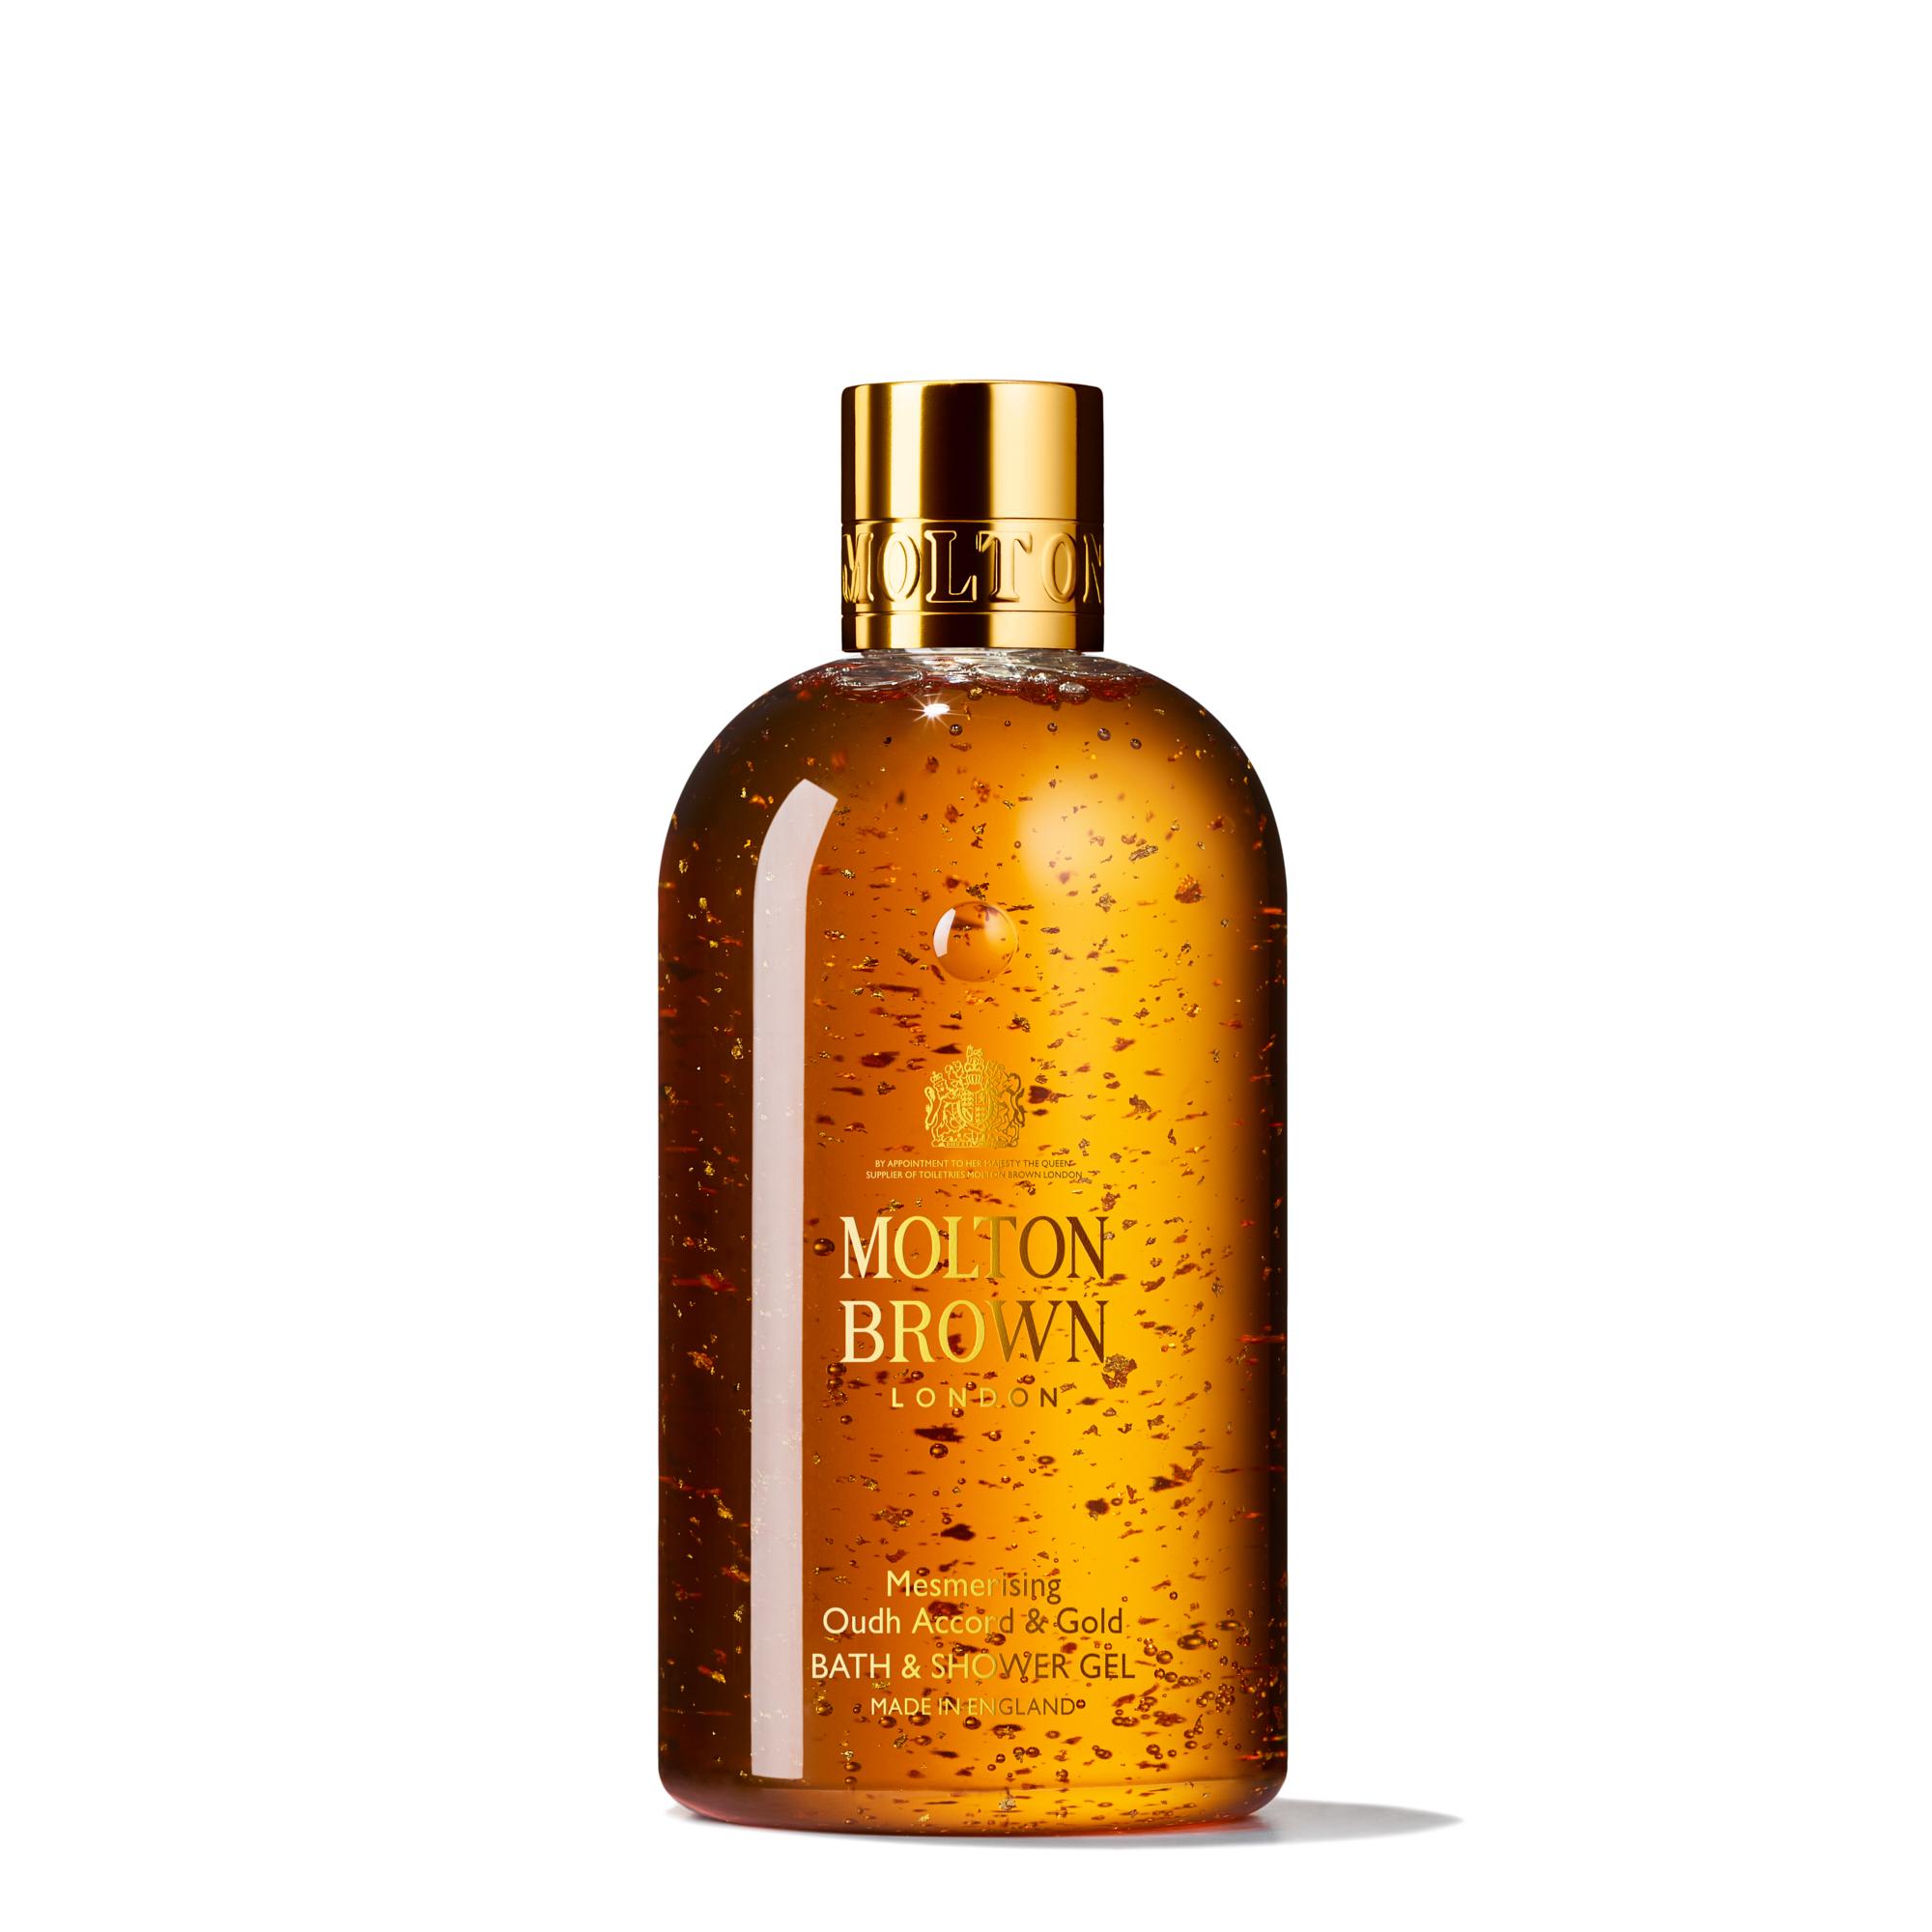 Mesmerising Oudh Accird & Gold Bath & Shower Gel